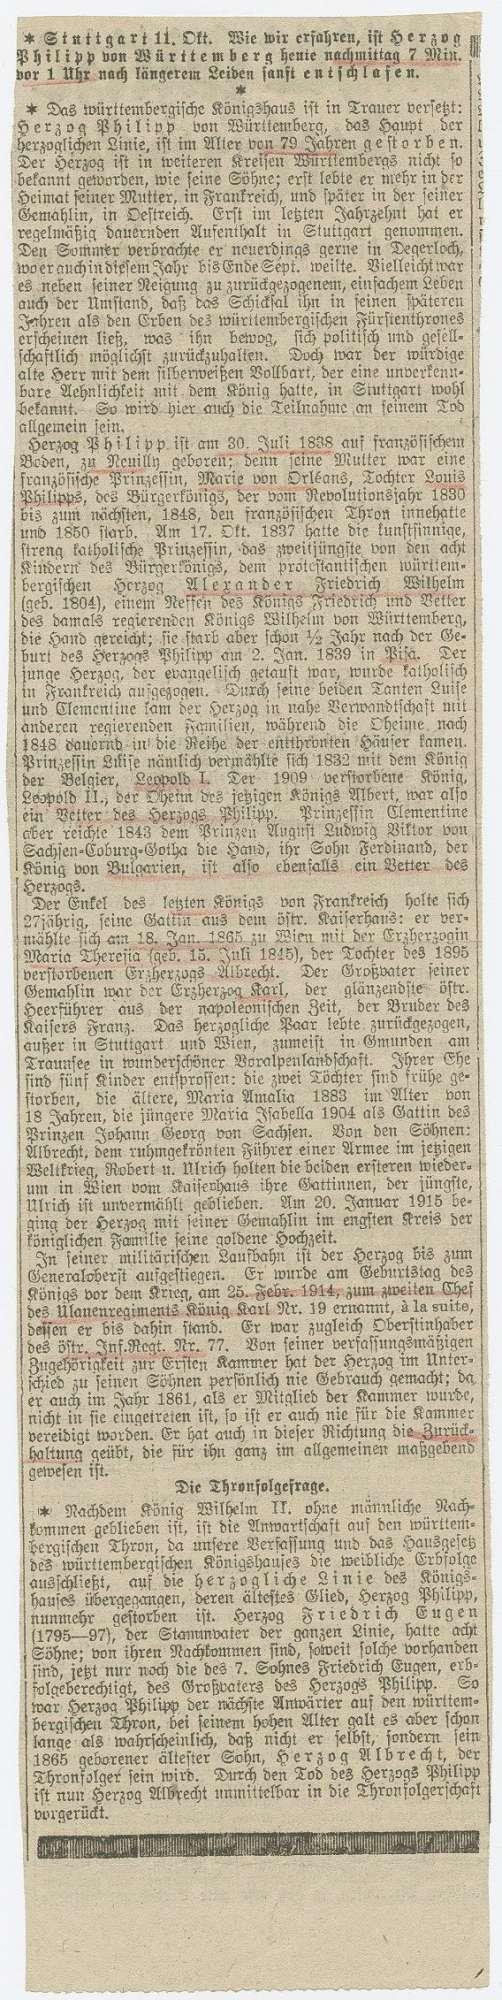 Württemberg, Philipp von, Herzog, Bild 2